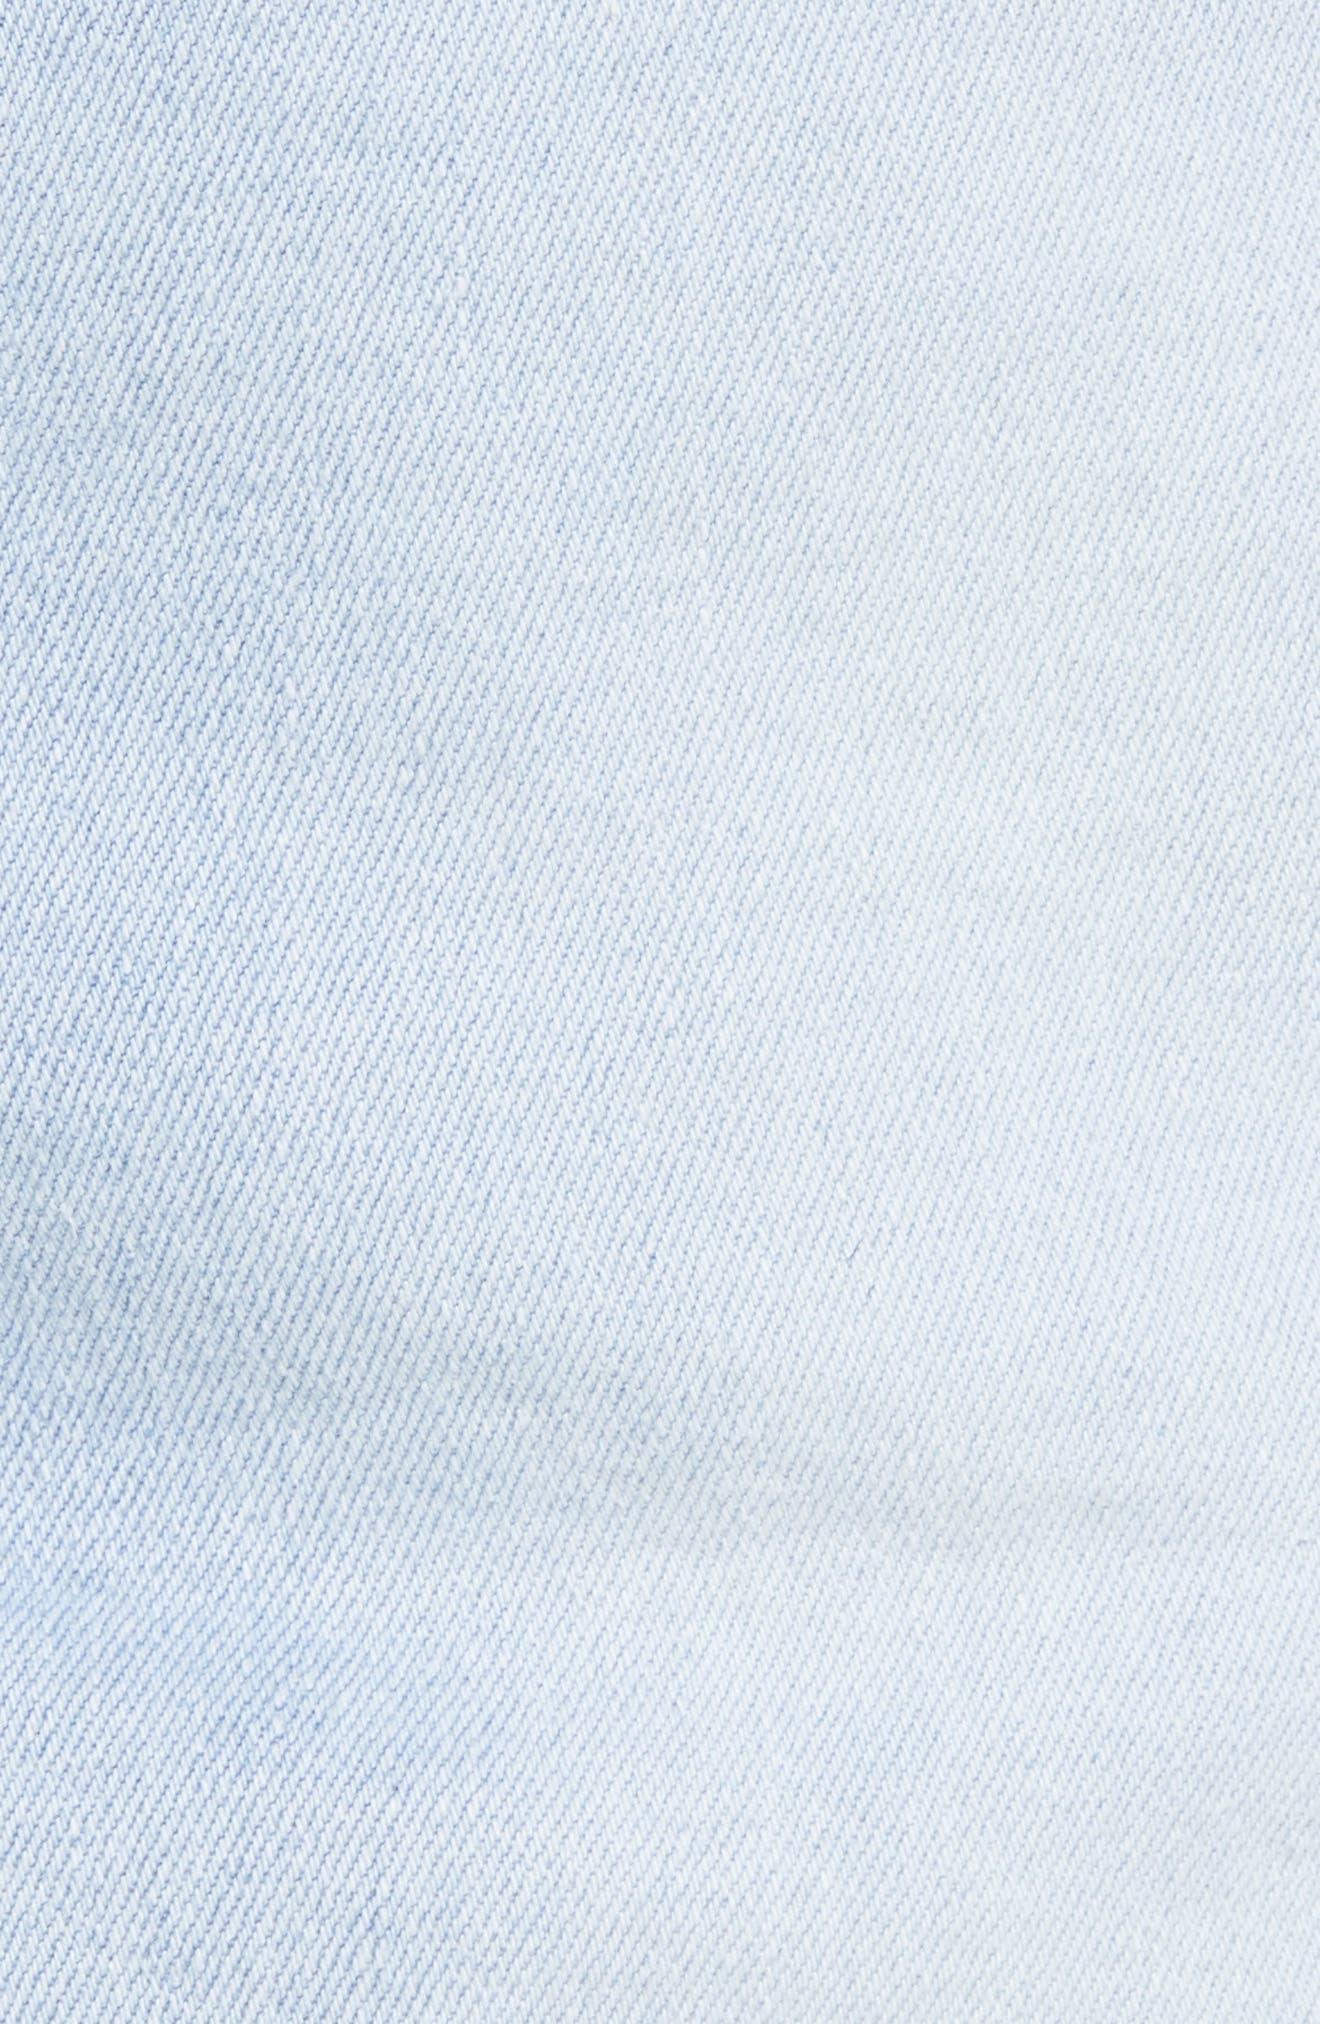 Alternate Image 5  - ZANEROBE Sureshot Chino Shorts